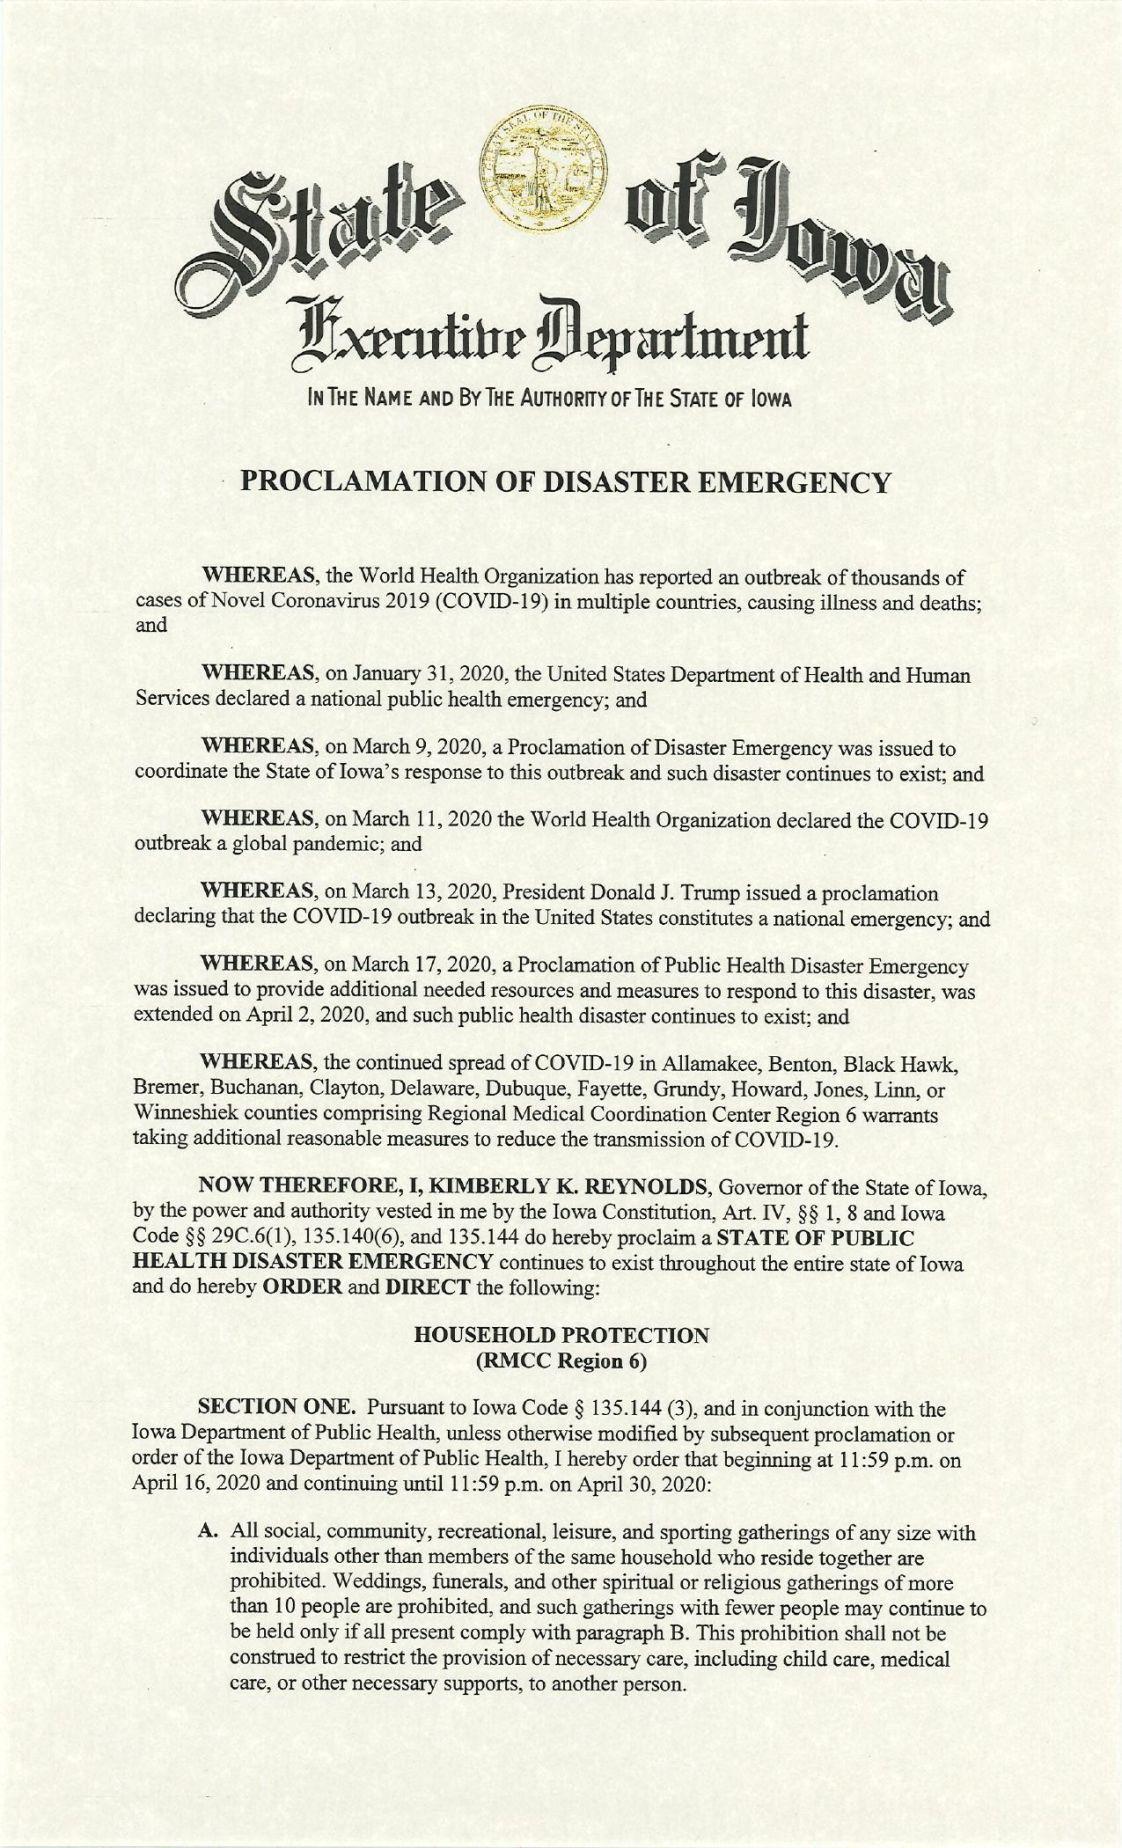 READ: Gov. Reynolds emergency proclamation for Region 6 (Apr. 16, 2020)